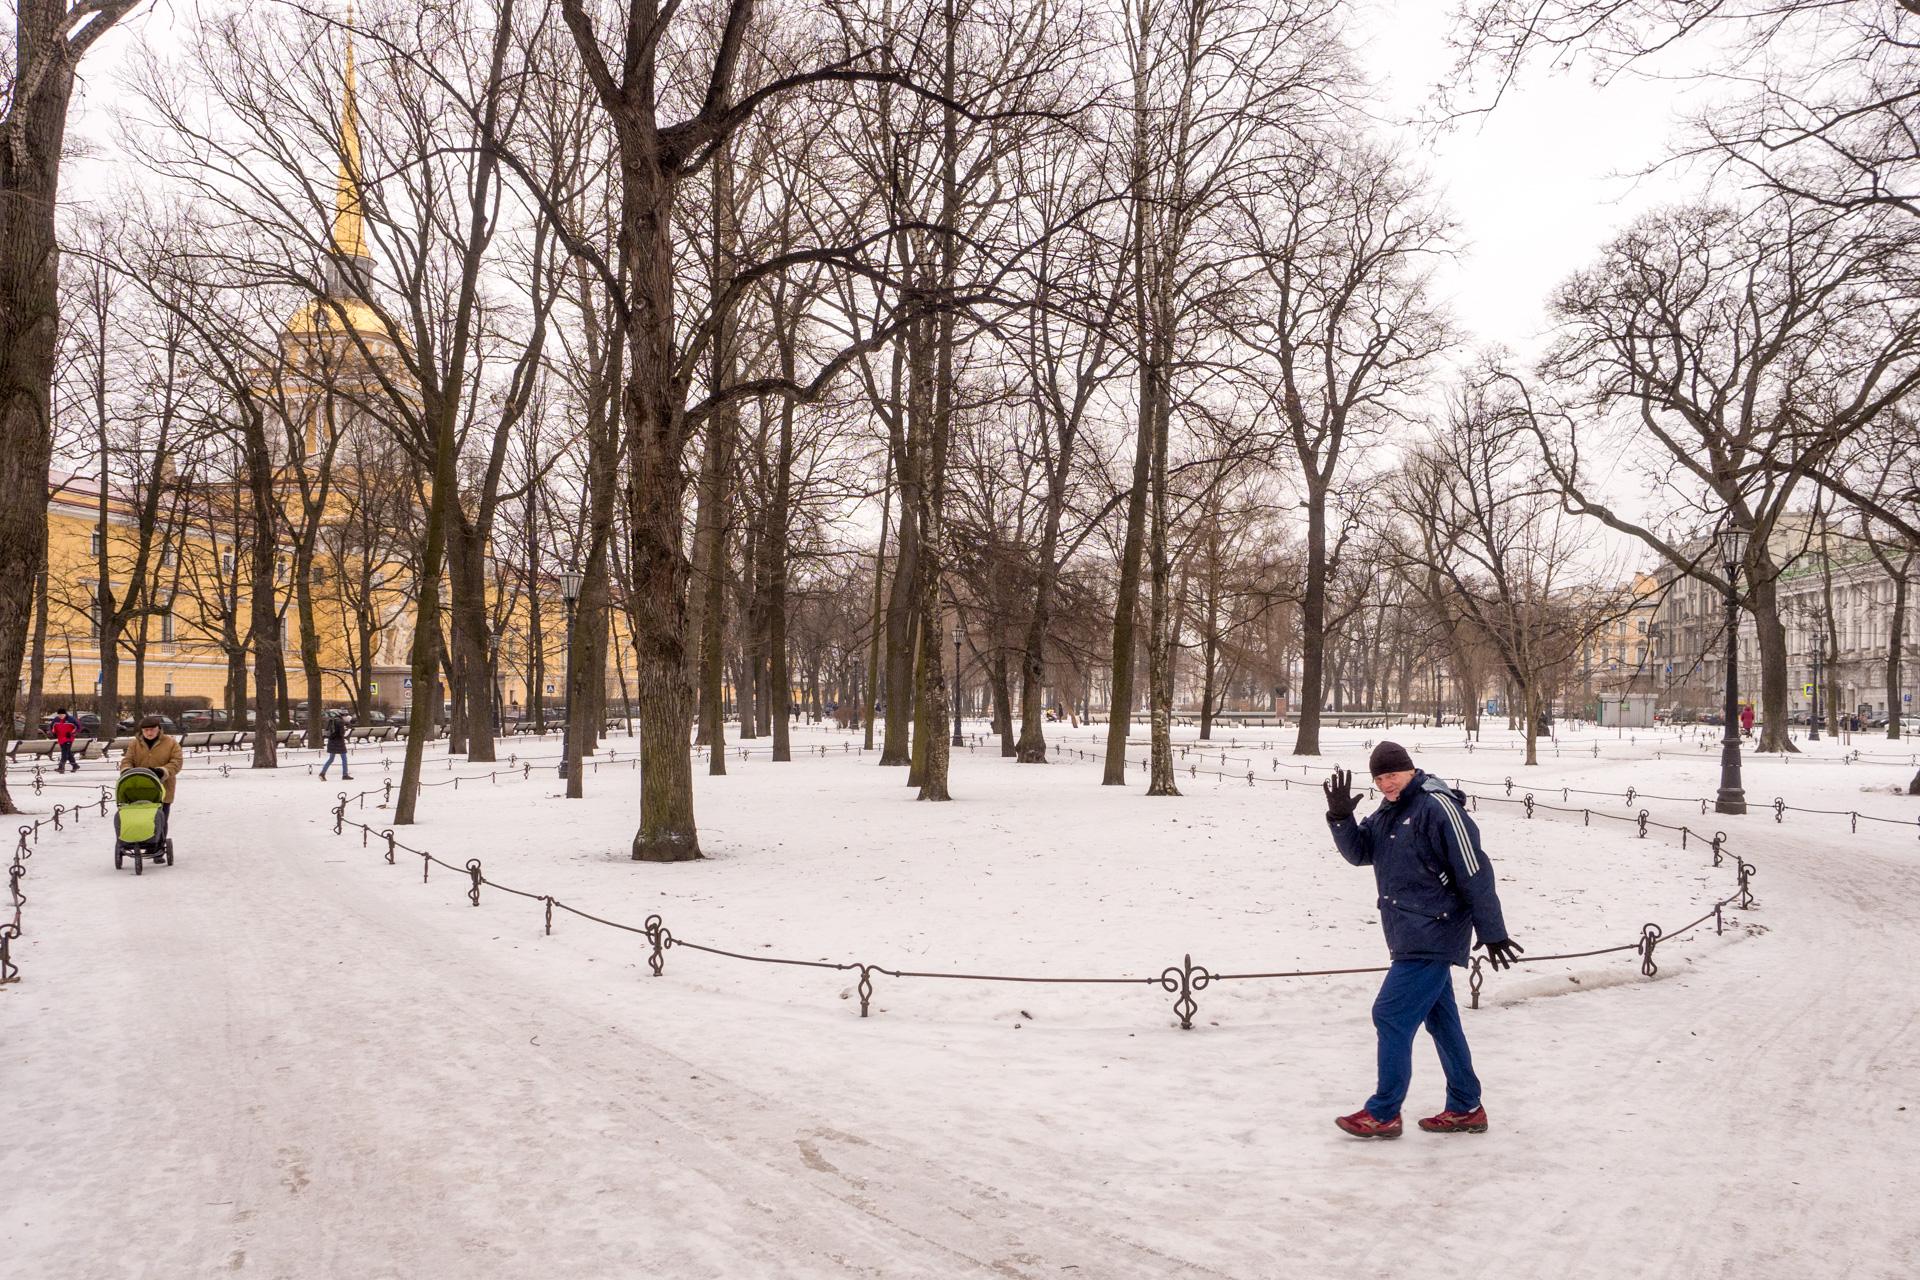 Photo: Ruslan Shamukov